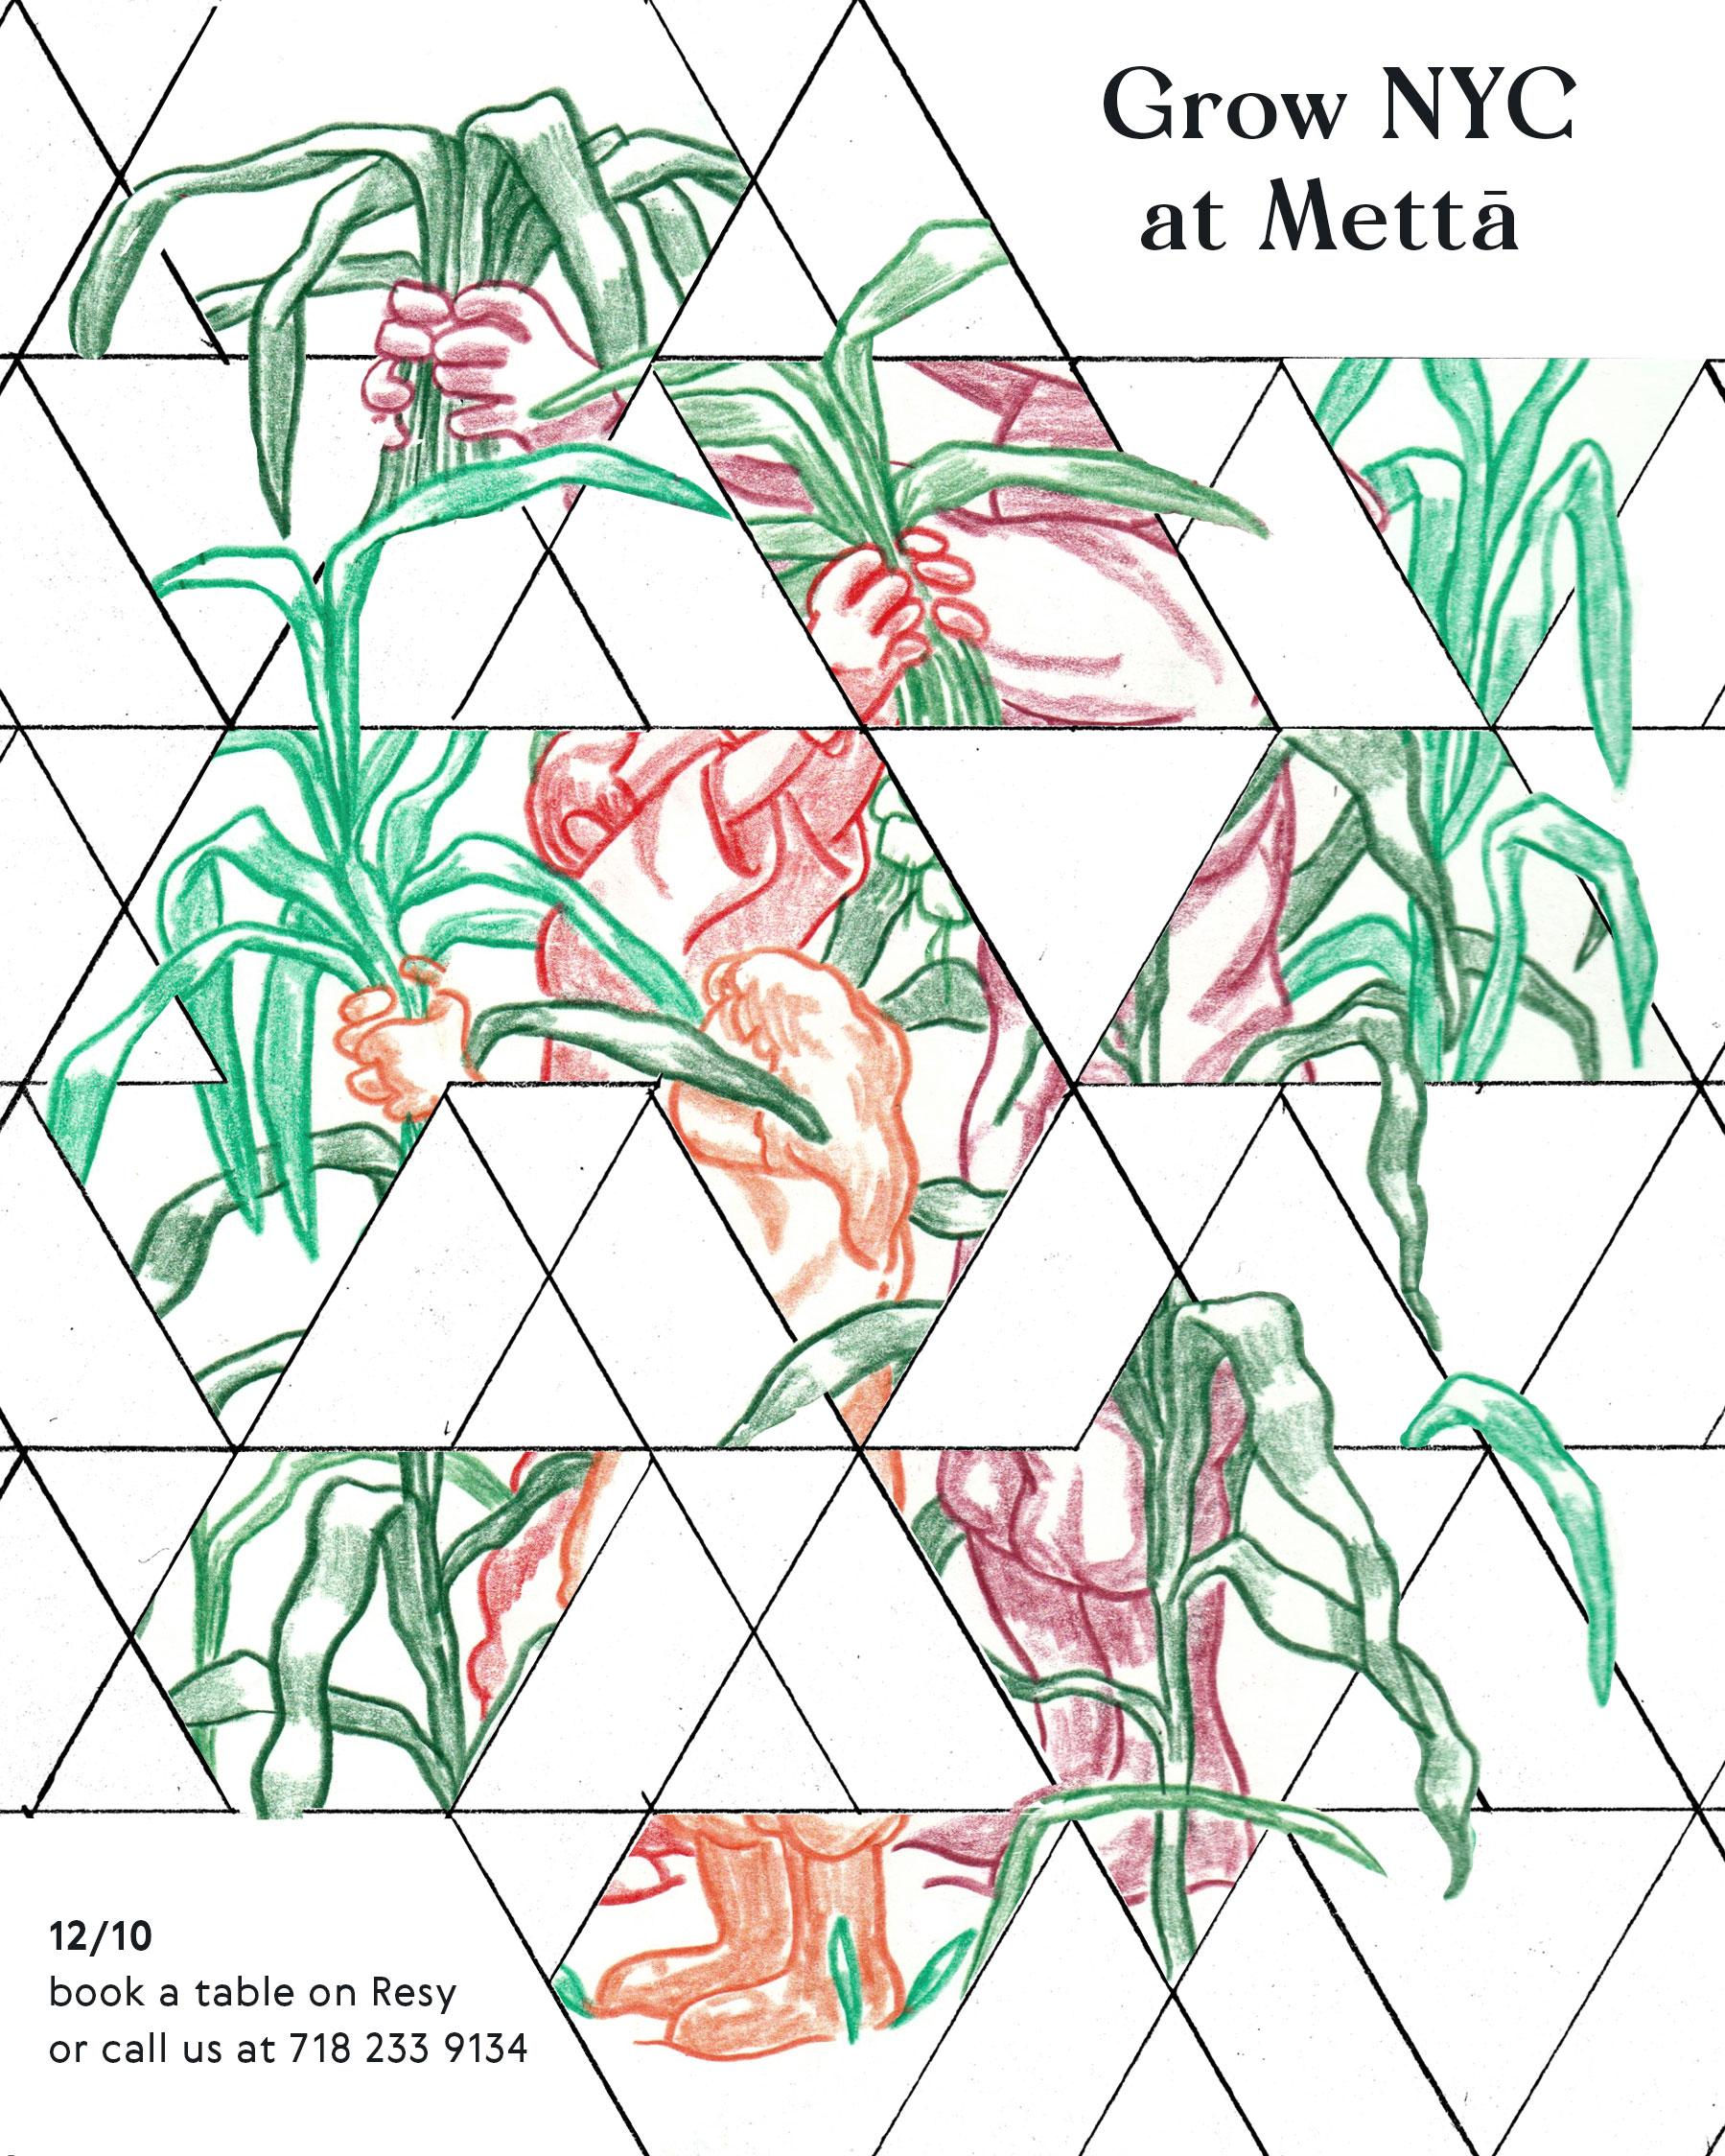 metta_grownyc_pattern_flyer2.jpg